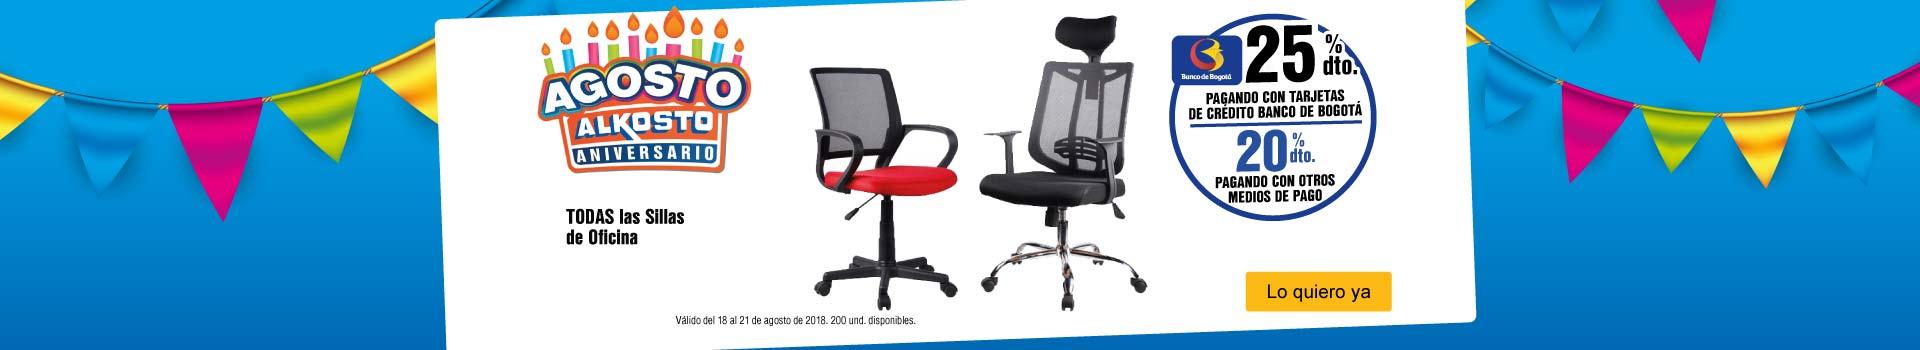 AK-BCAT-2-hogar-DCAT-Tukasa-sillas-oficina-Ago18